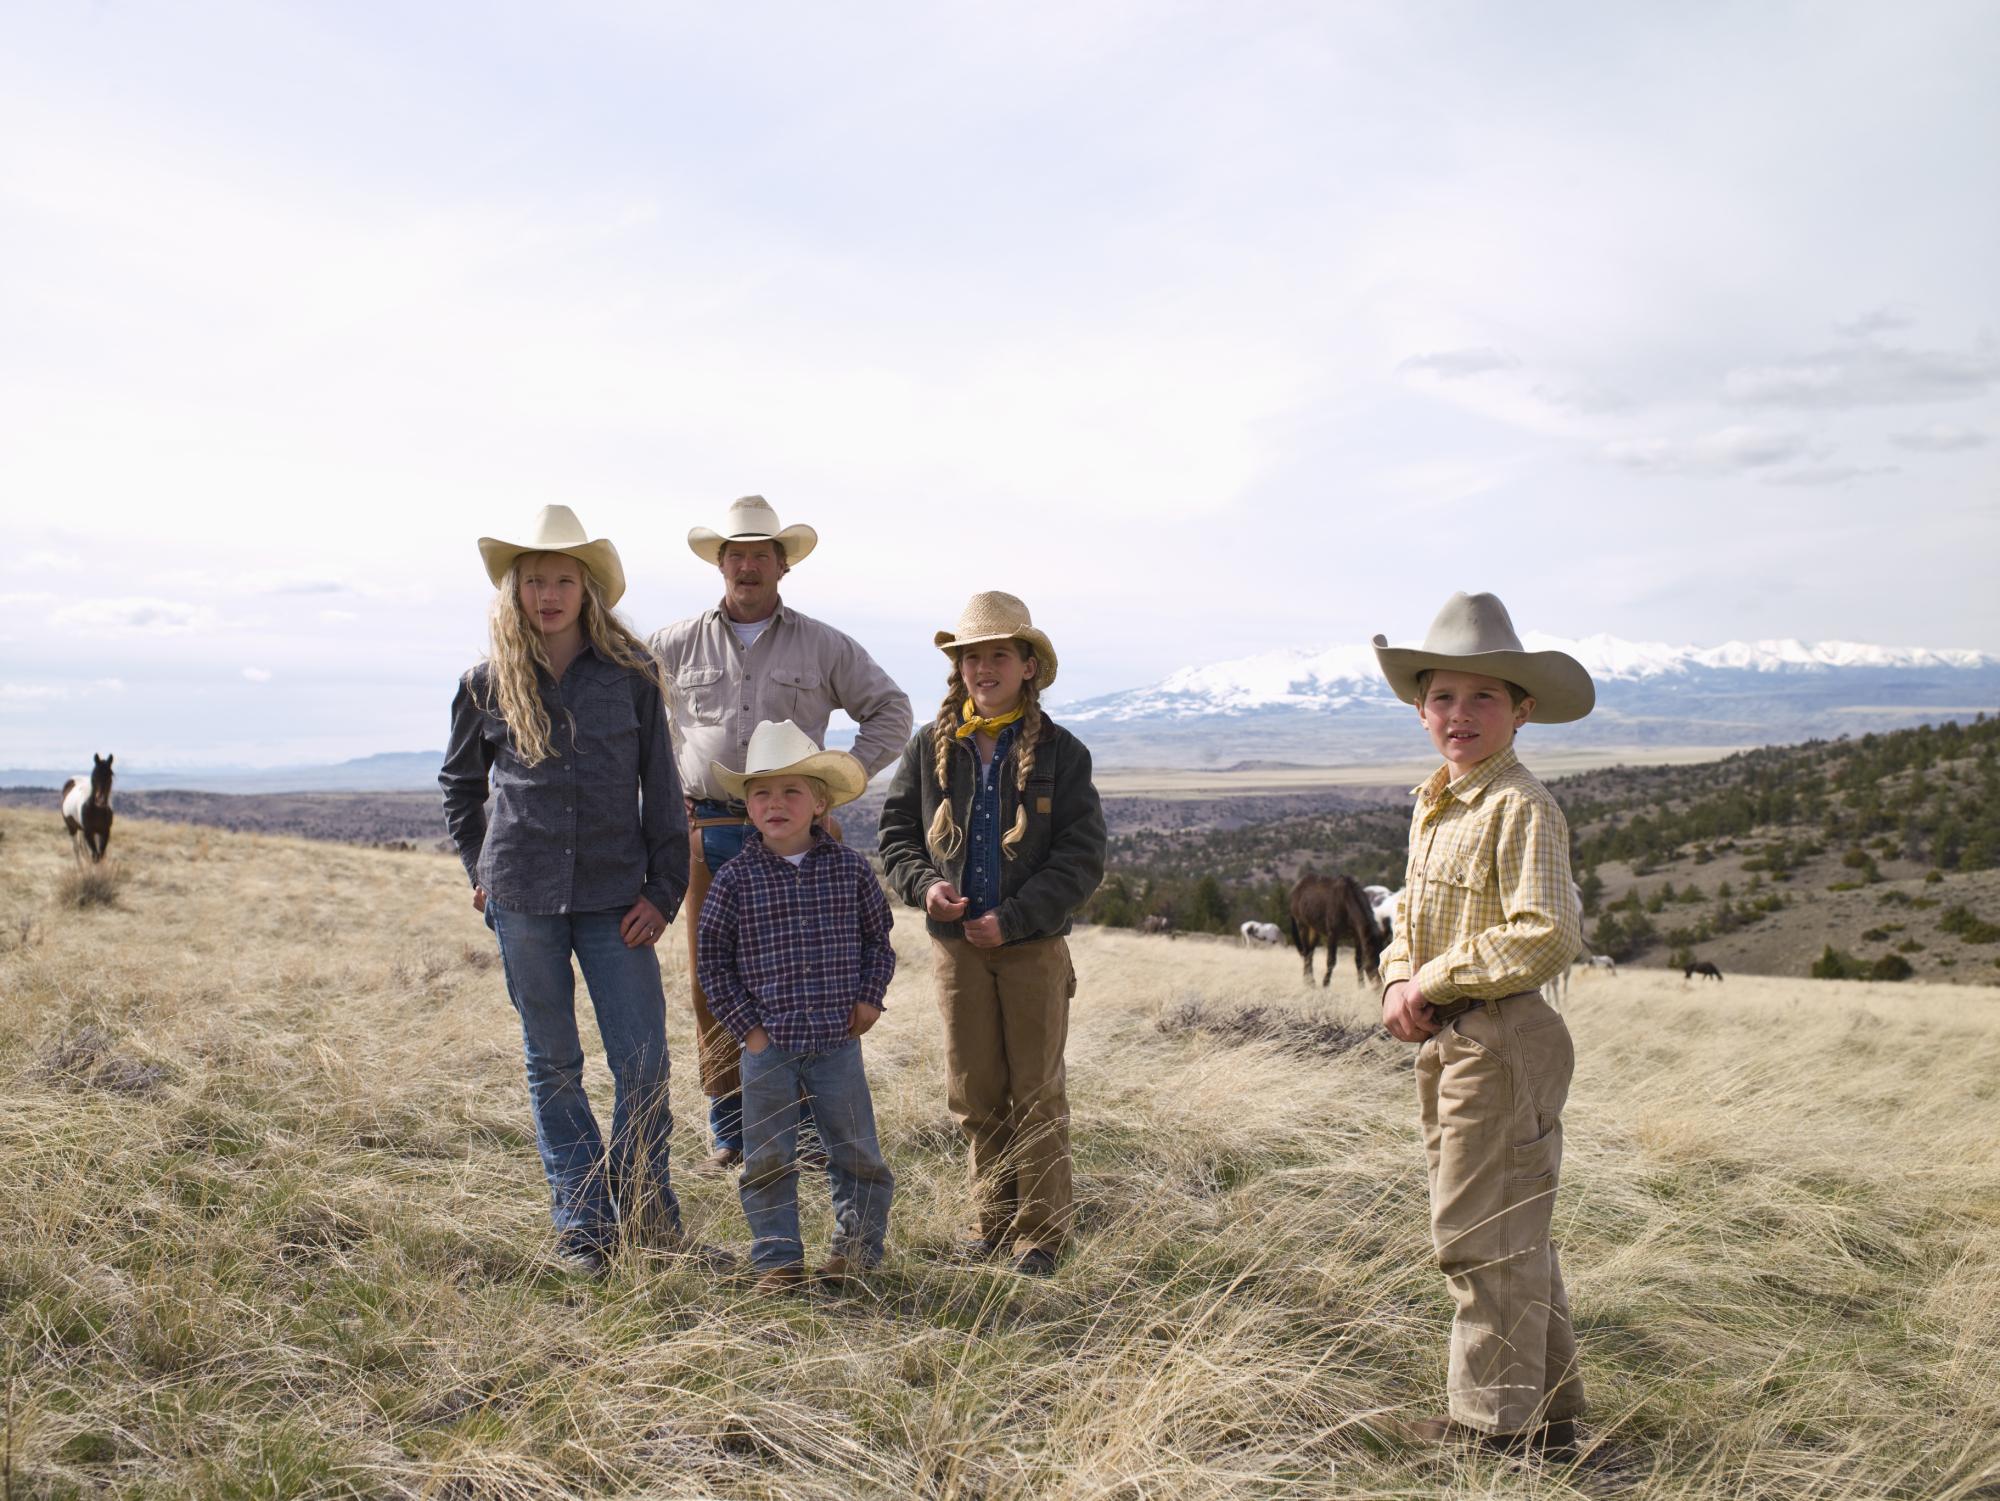 Farm Amp Ranch Tourism In San Antonio Texas Usa Today